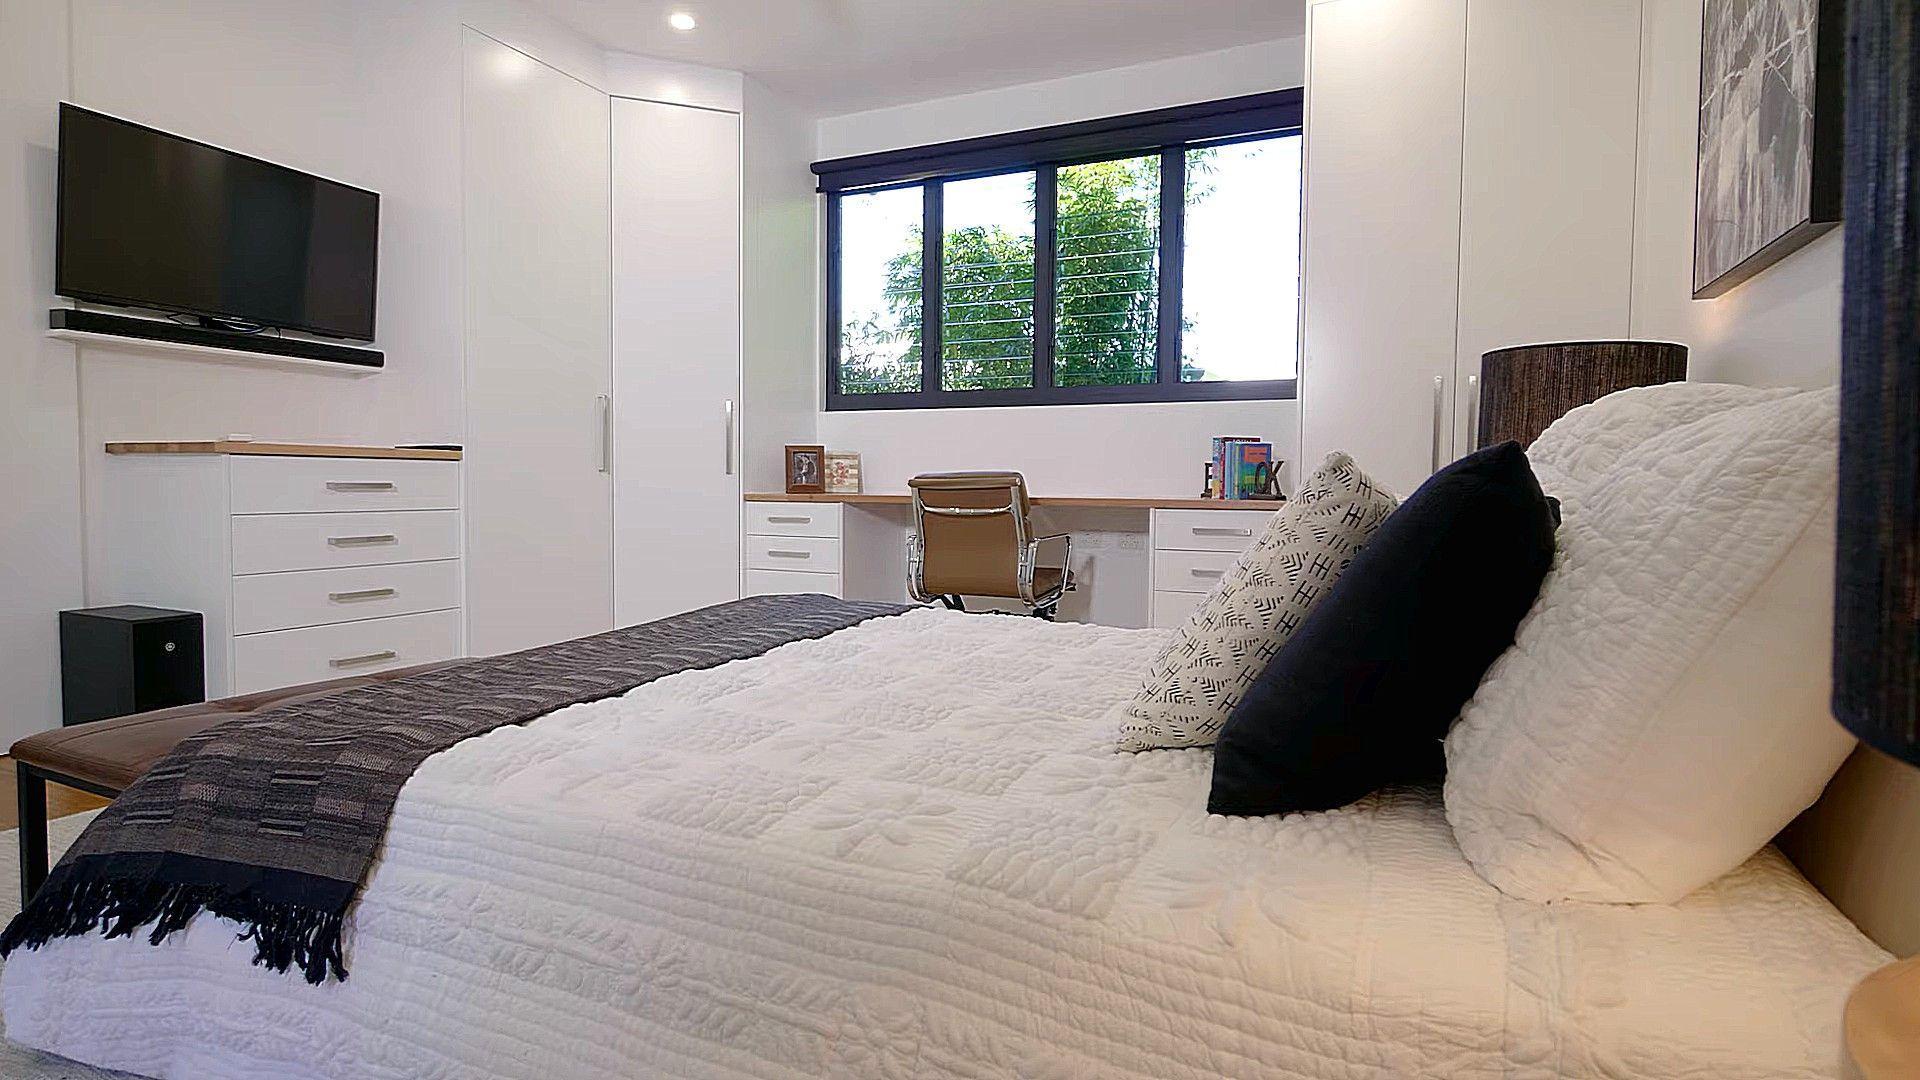 Schlafzimmer Bett Dekorieren